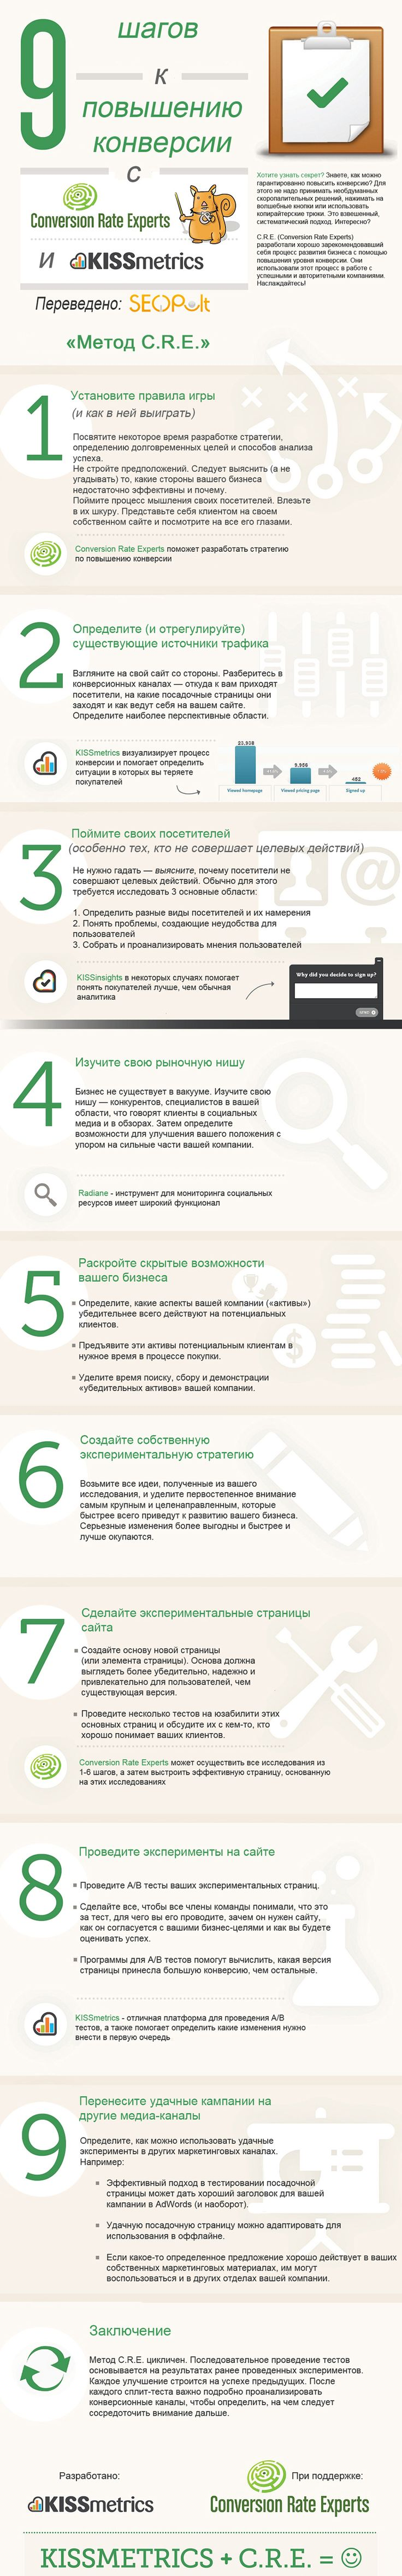 Инфографика: 9 шагов к повышению конверсии. Метод C.R.E.